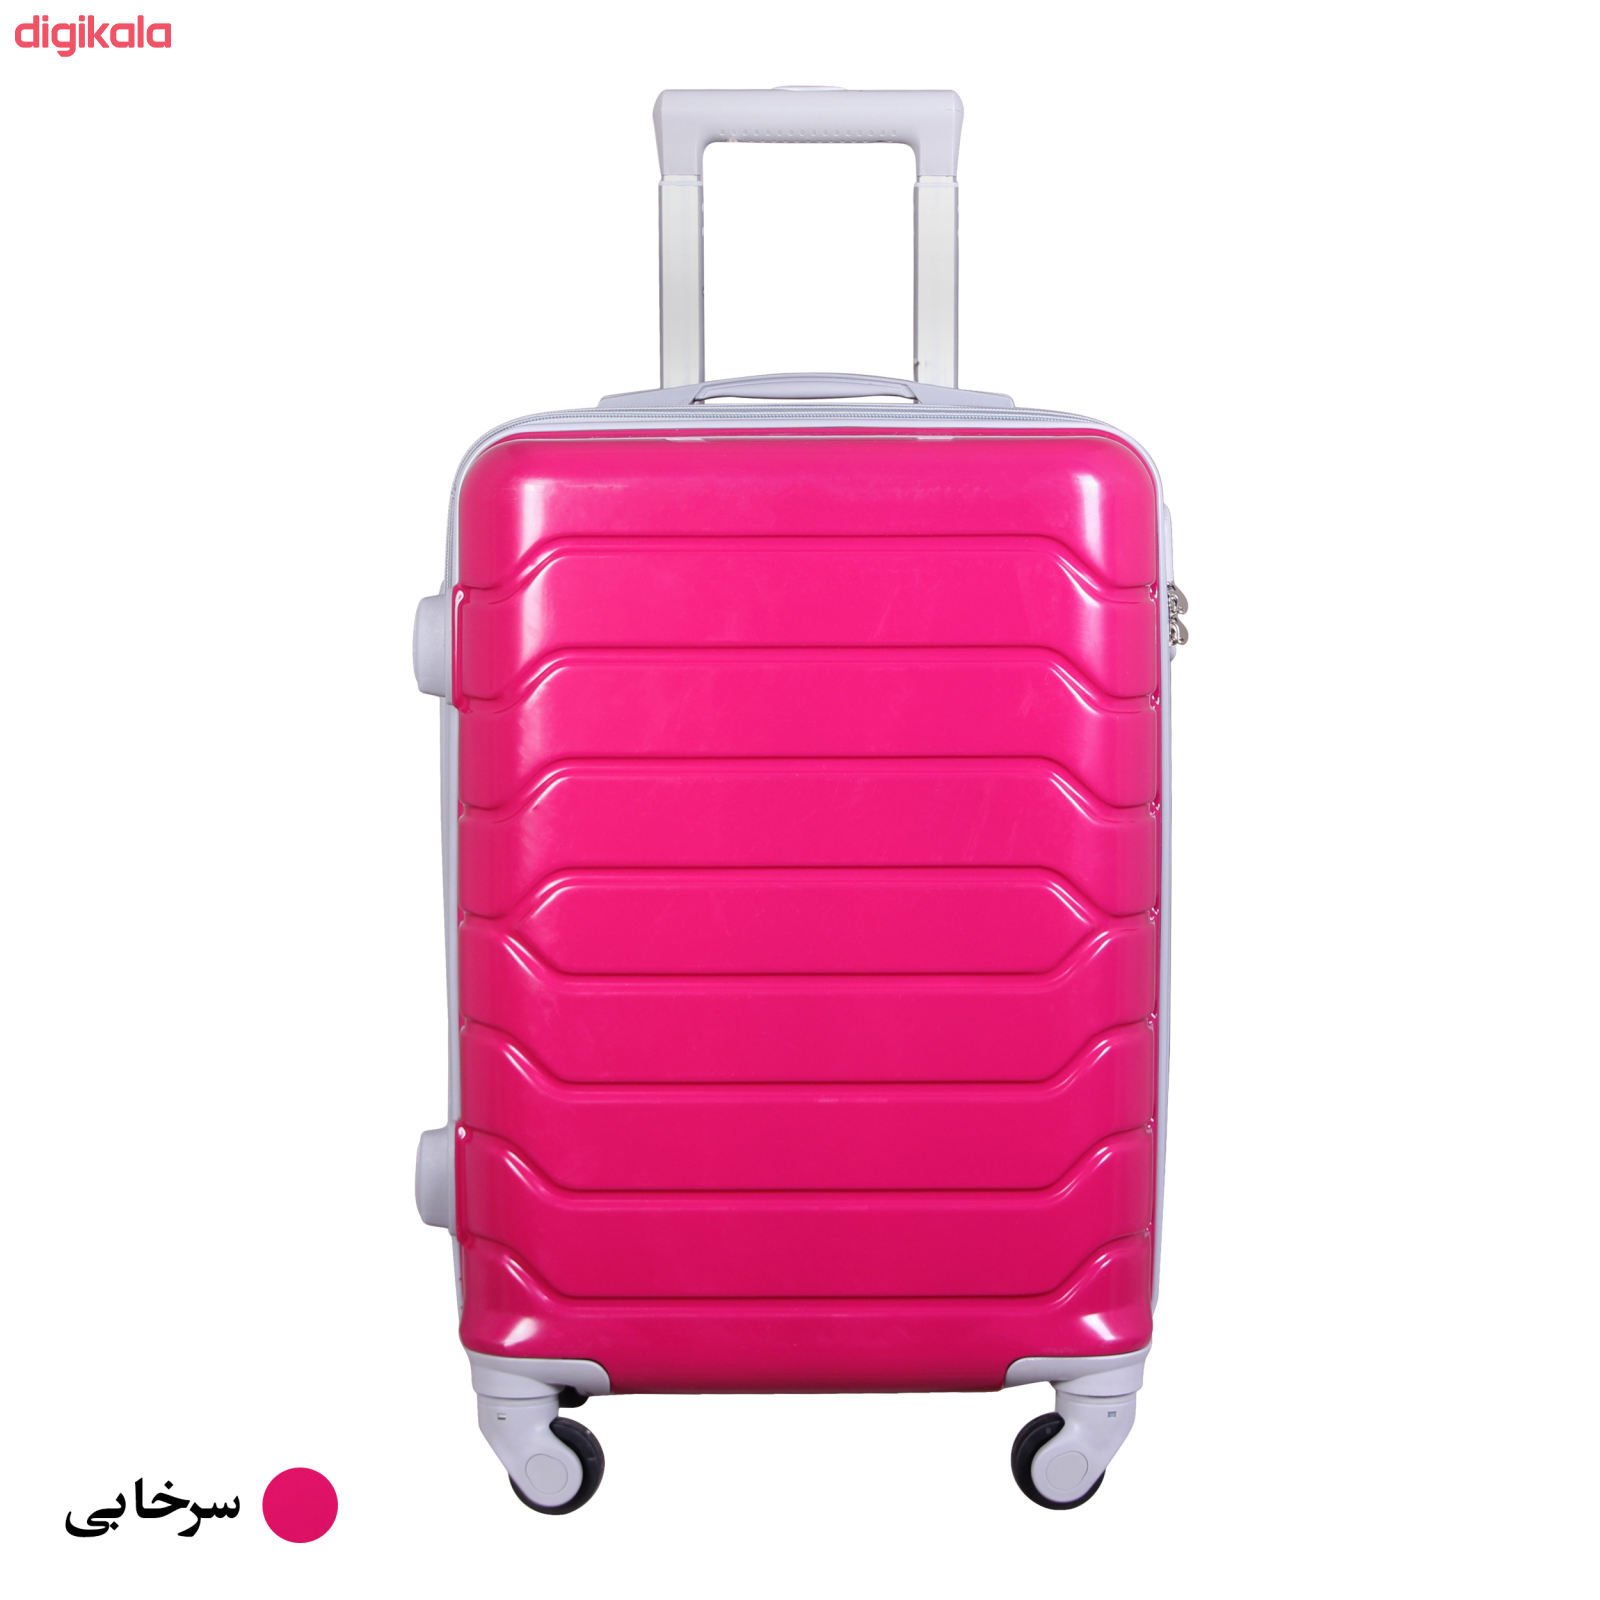 مجموعه سه عددی چمدان مدل 10021 main 1 12